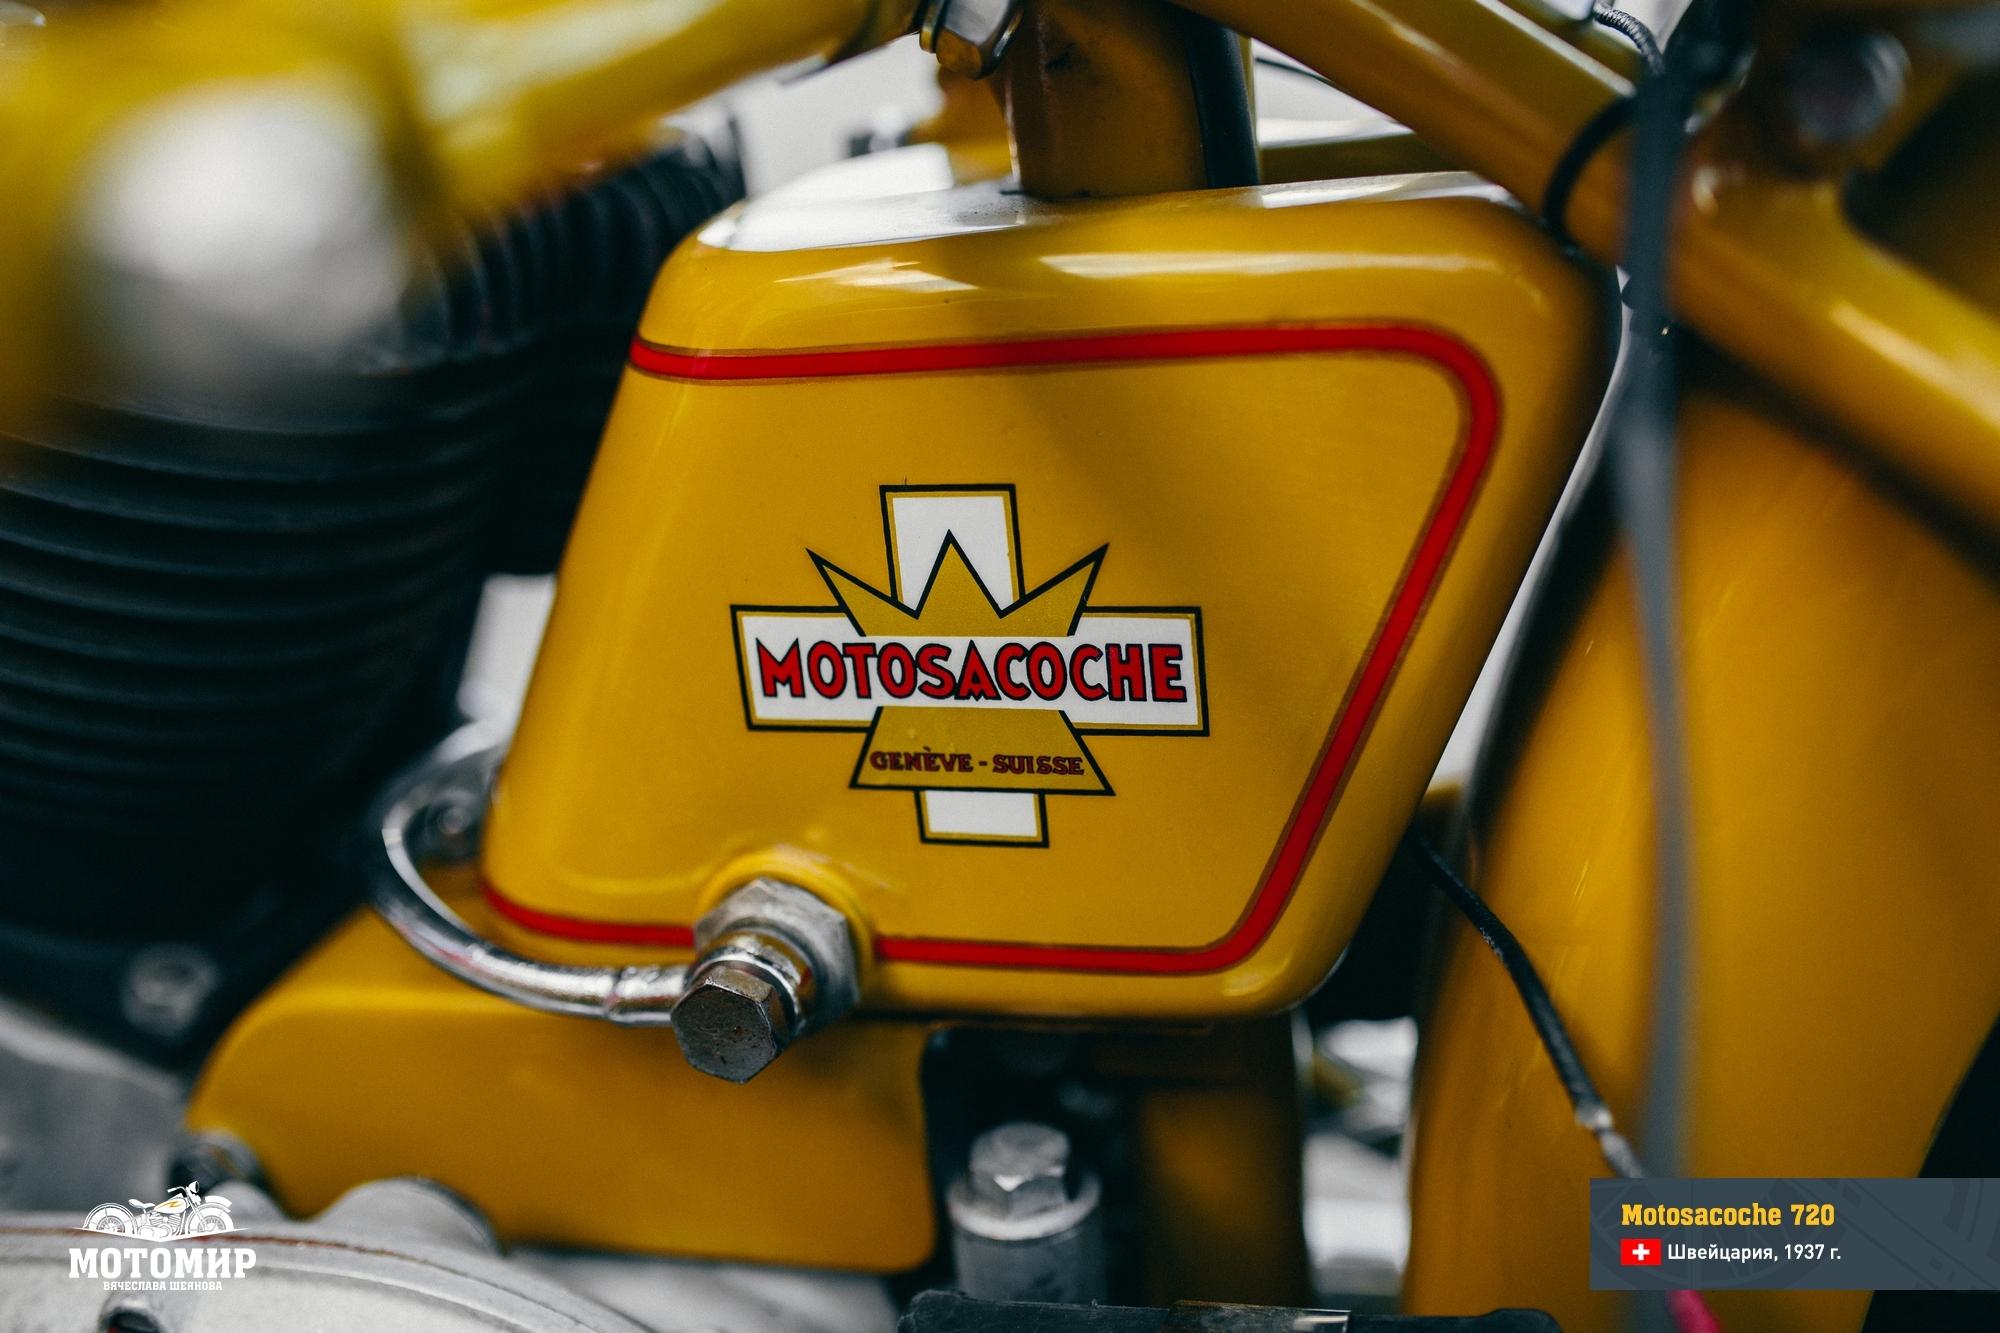 motosacoche-720-201510-web-39